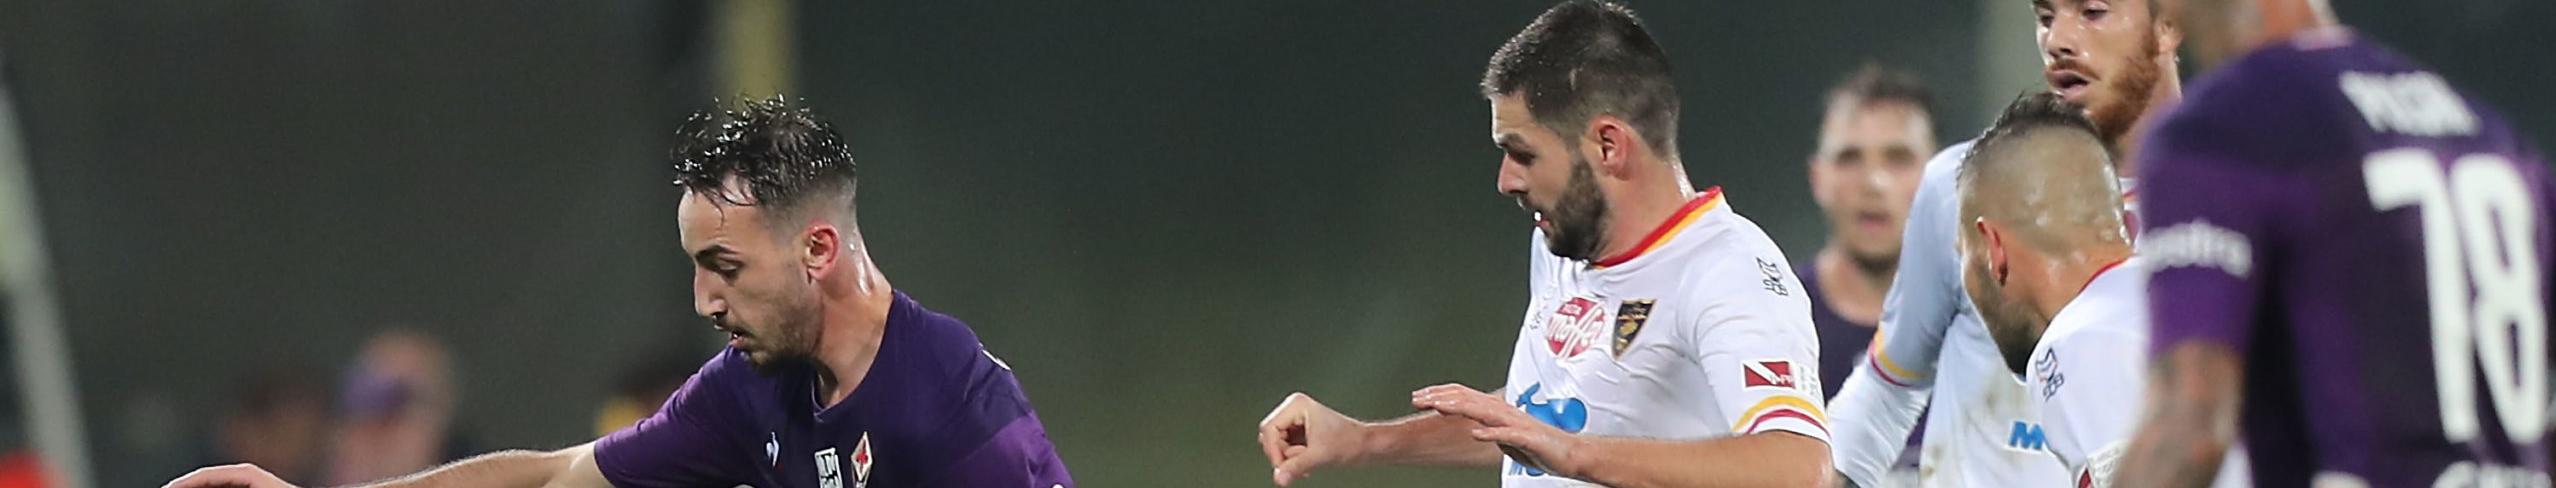 Lecce-Fiorentina: l'ex Liverani vuole i 3 punti per inseguire la salvezza